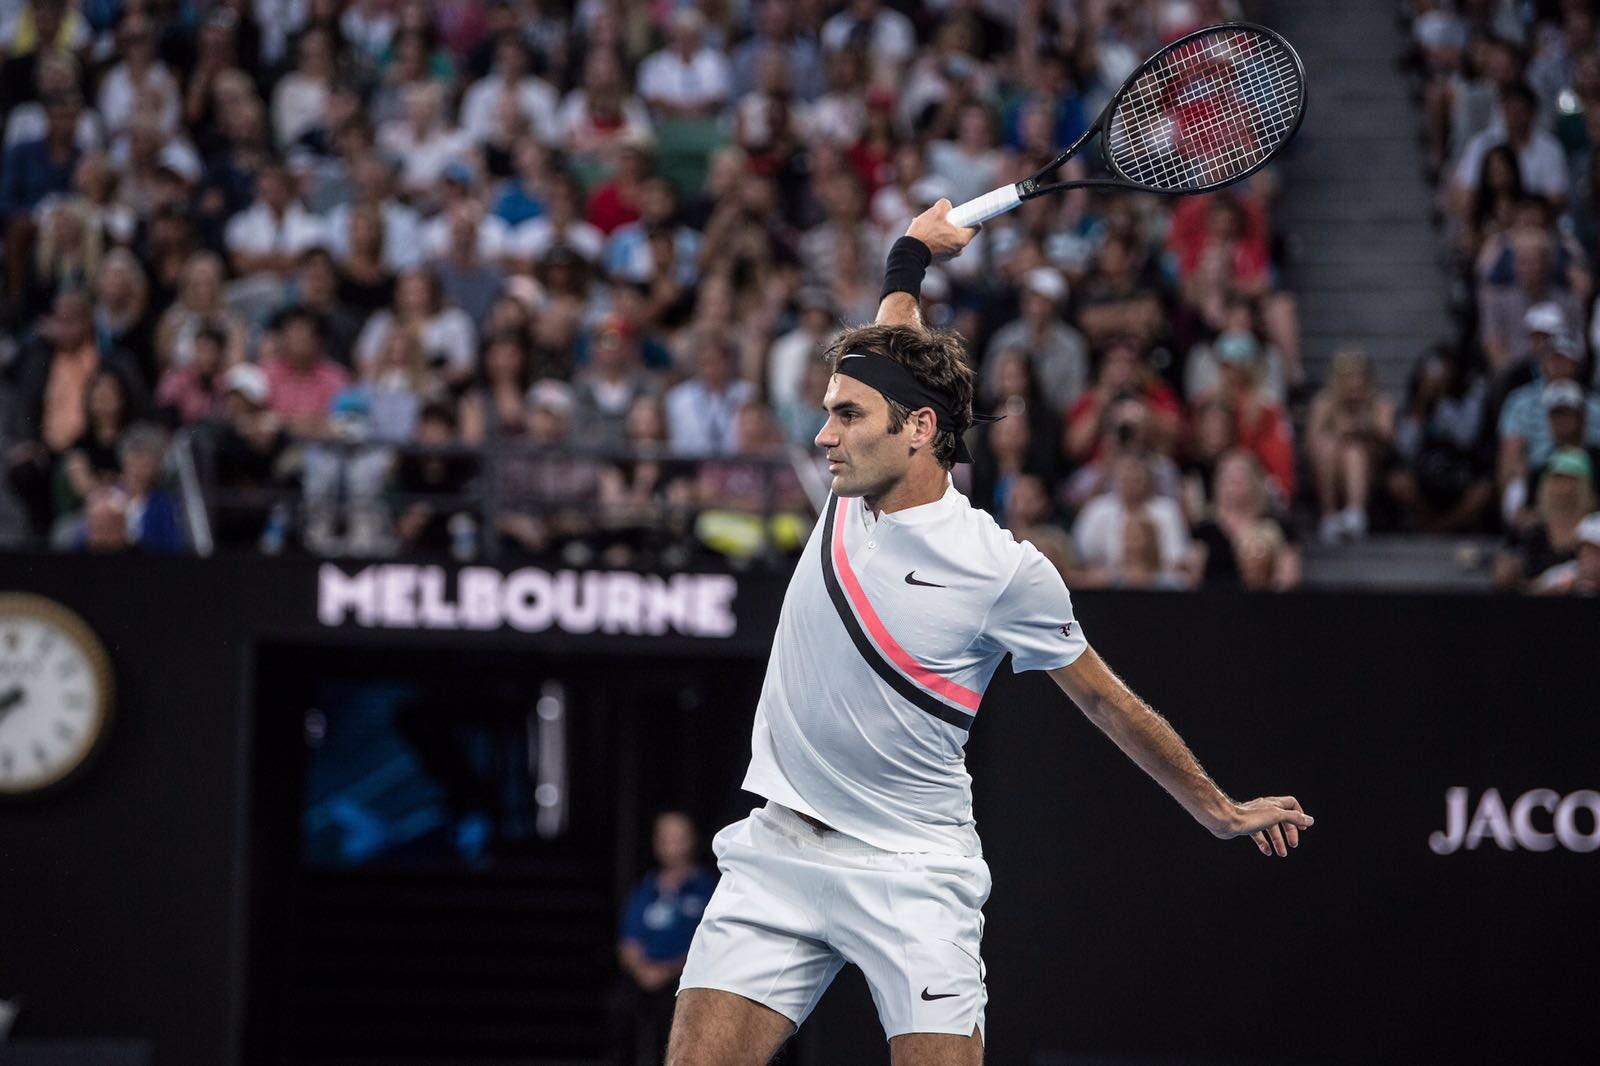 Roger Federer 2018 Australian Open - Federer Makes Winning Start at 2018 Australian Open